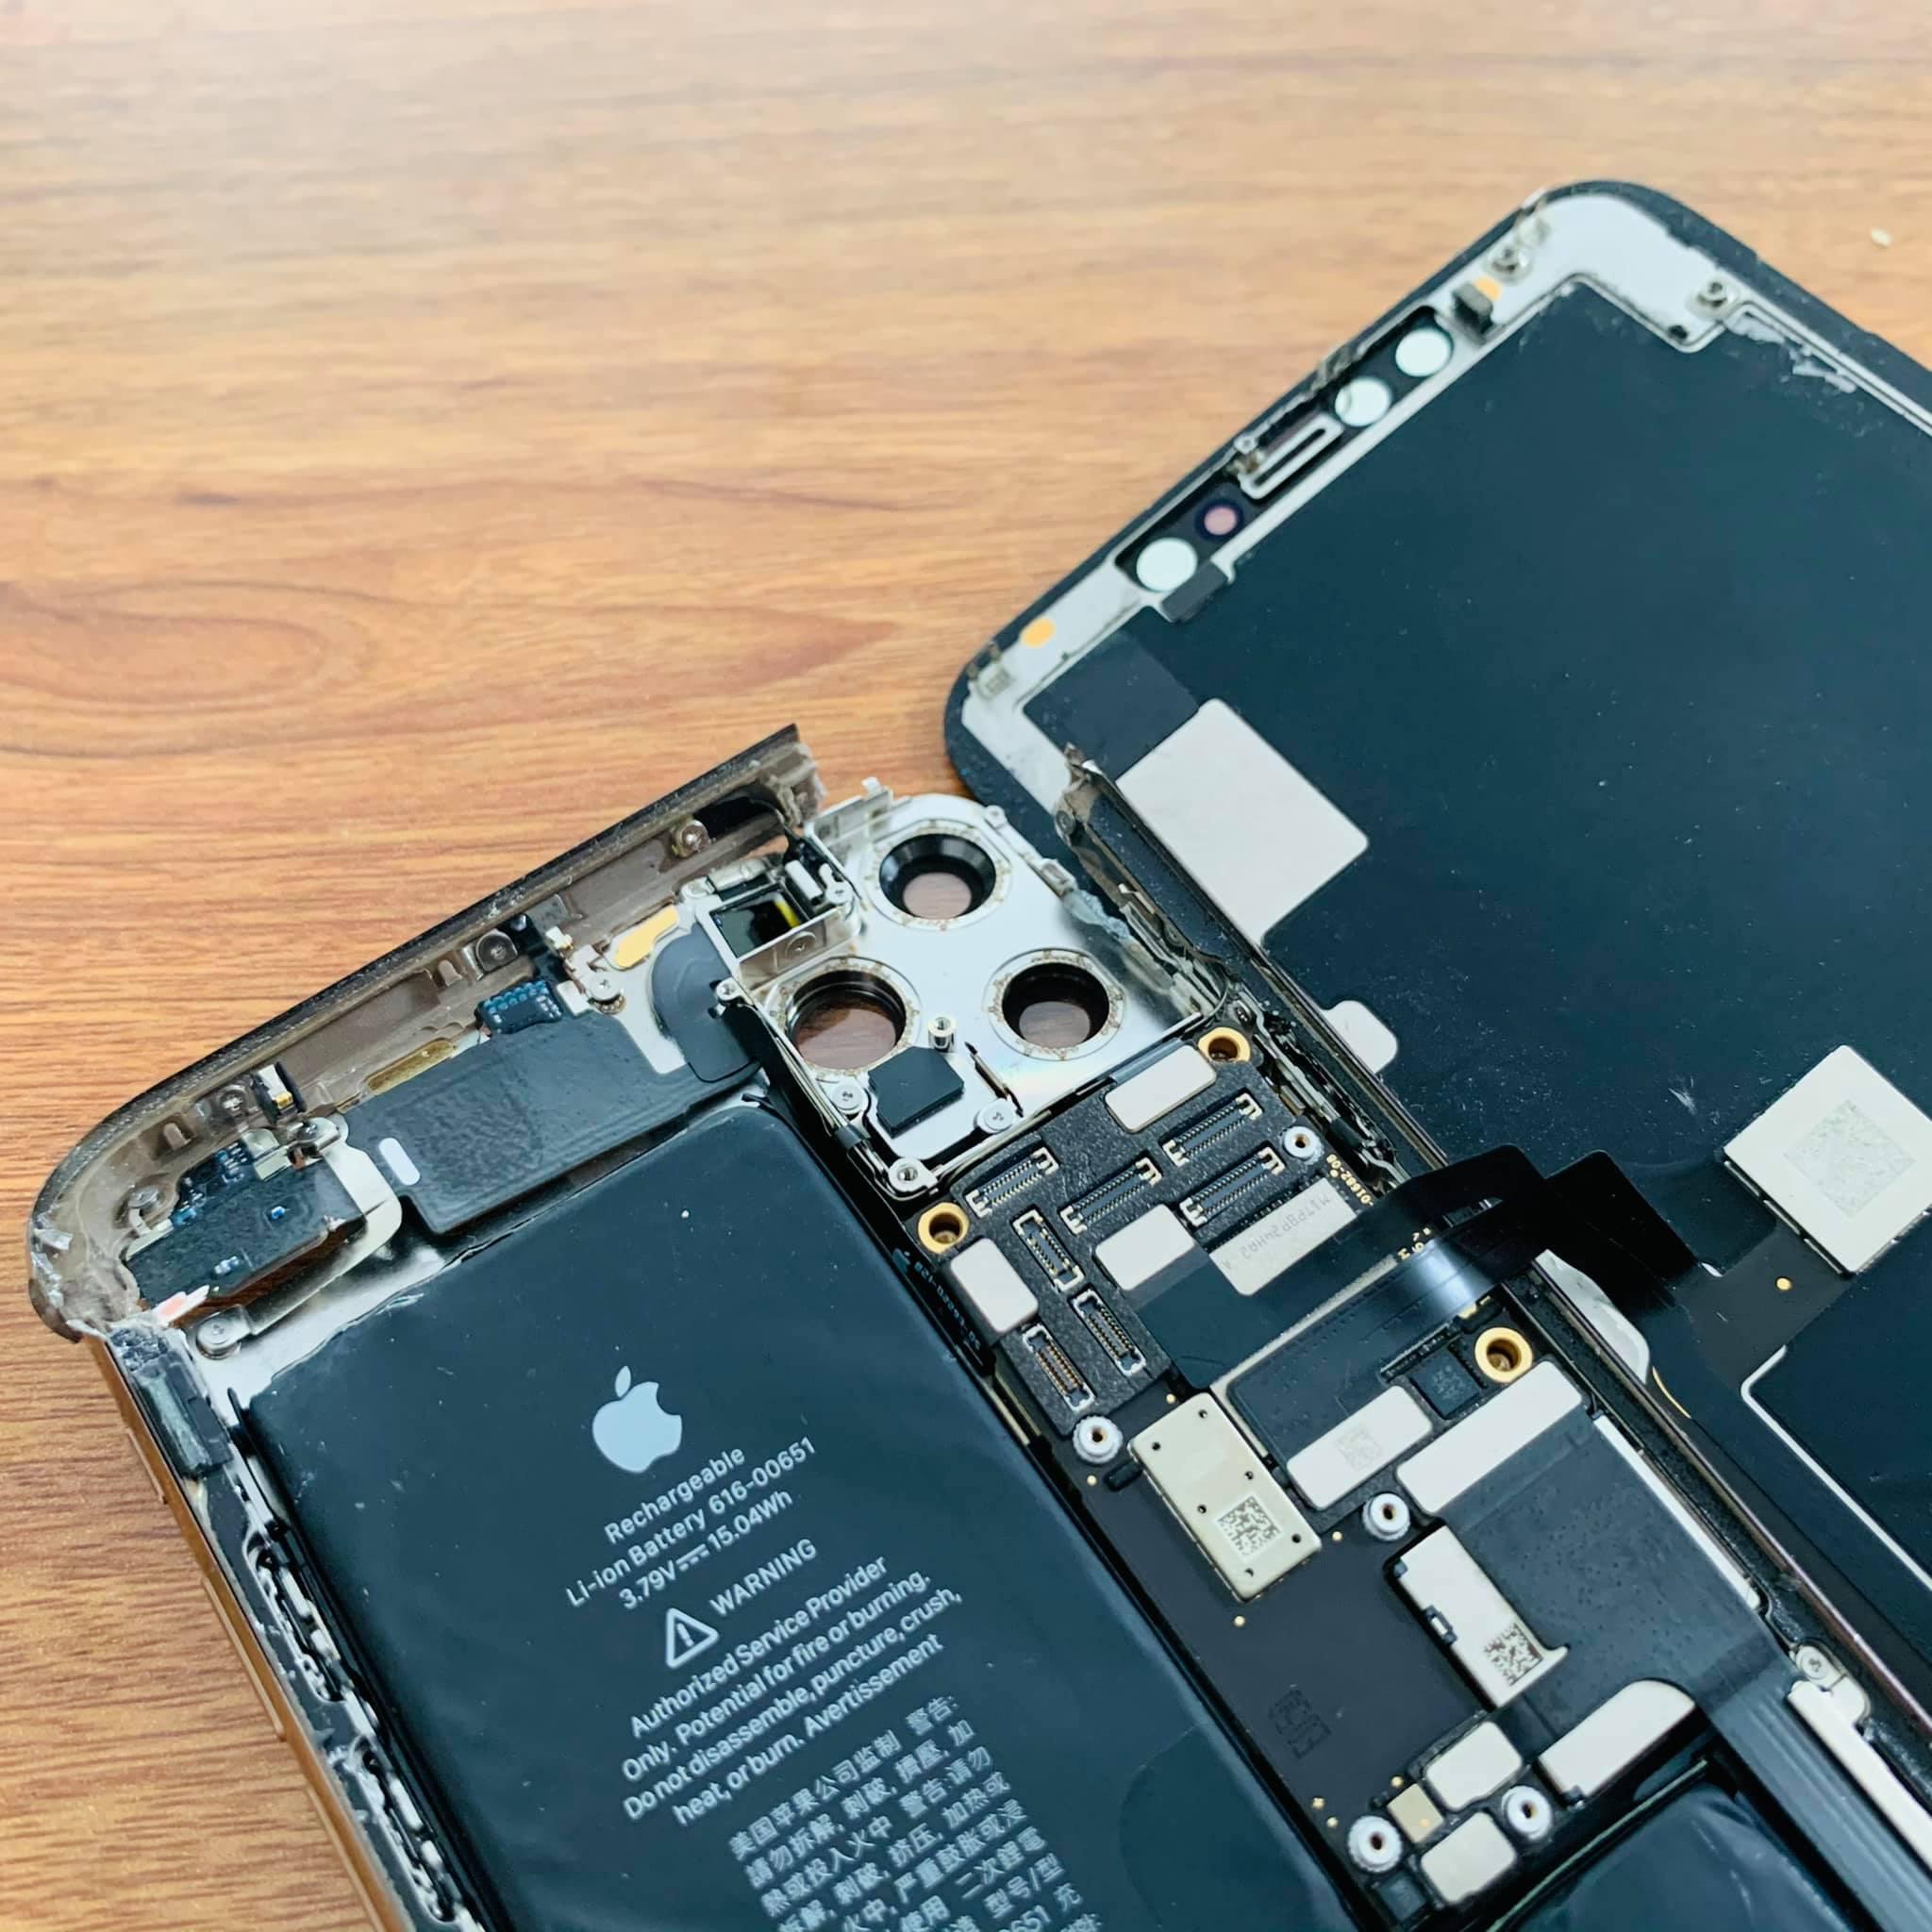 Thay Màn hình iPhone 11 Pro Max Uy Tín Chất Lượng Số 1 Vũng Tàu